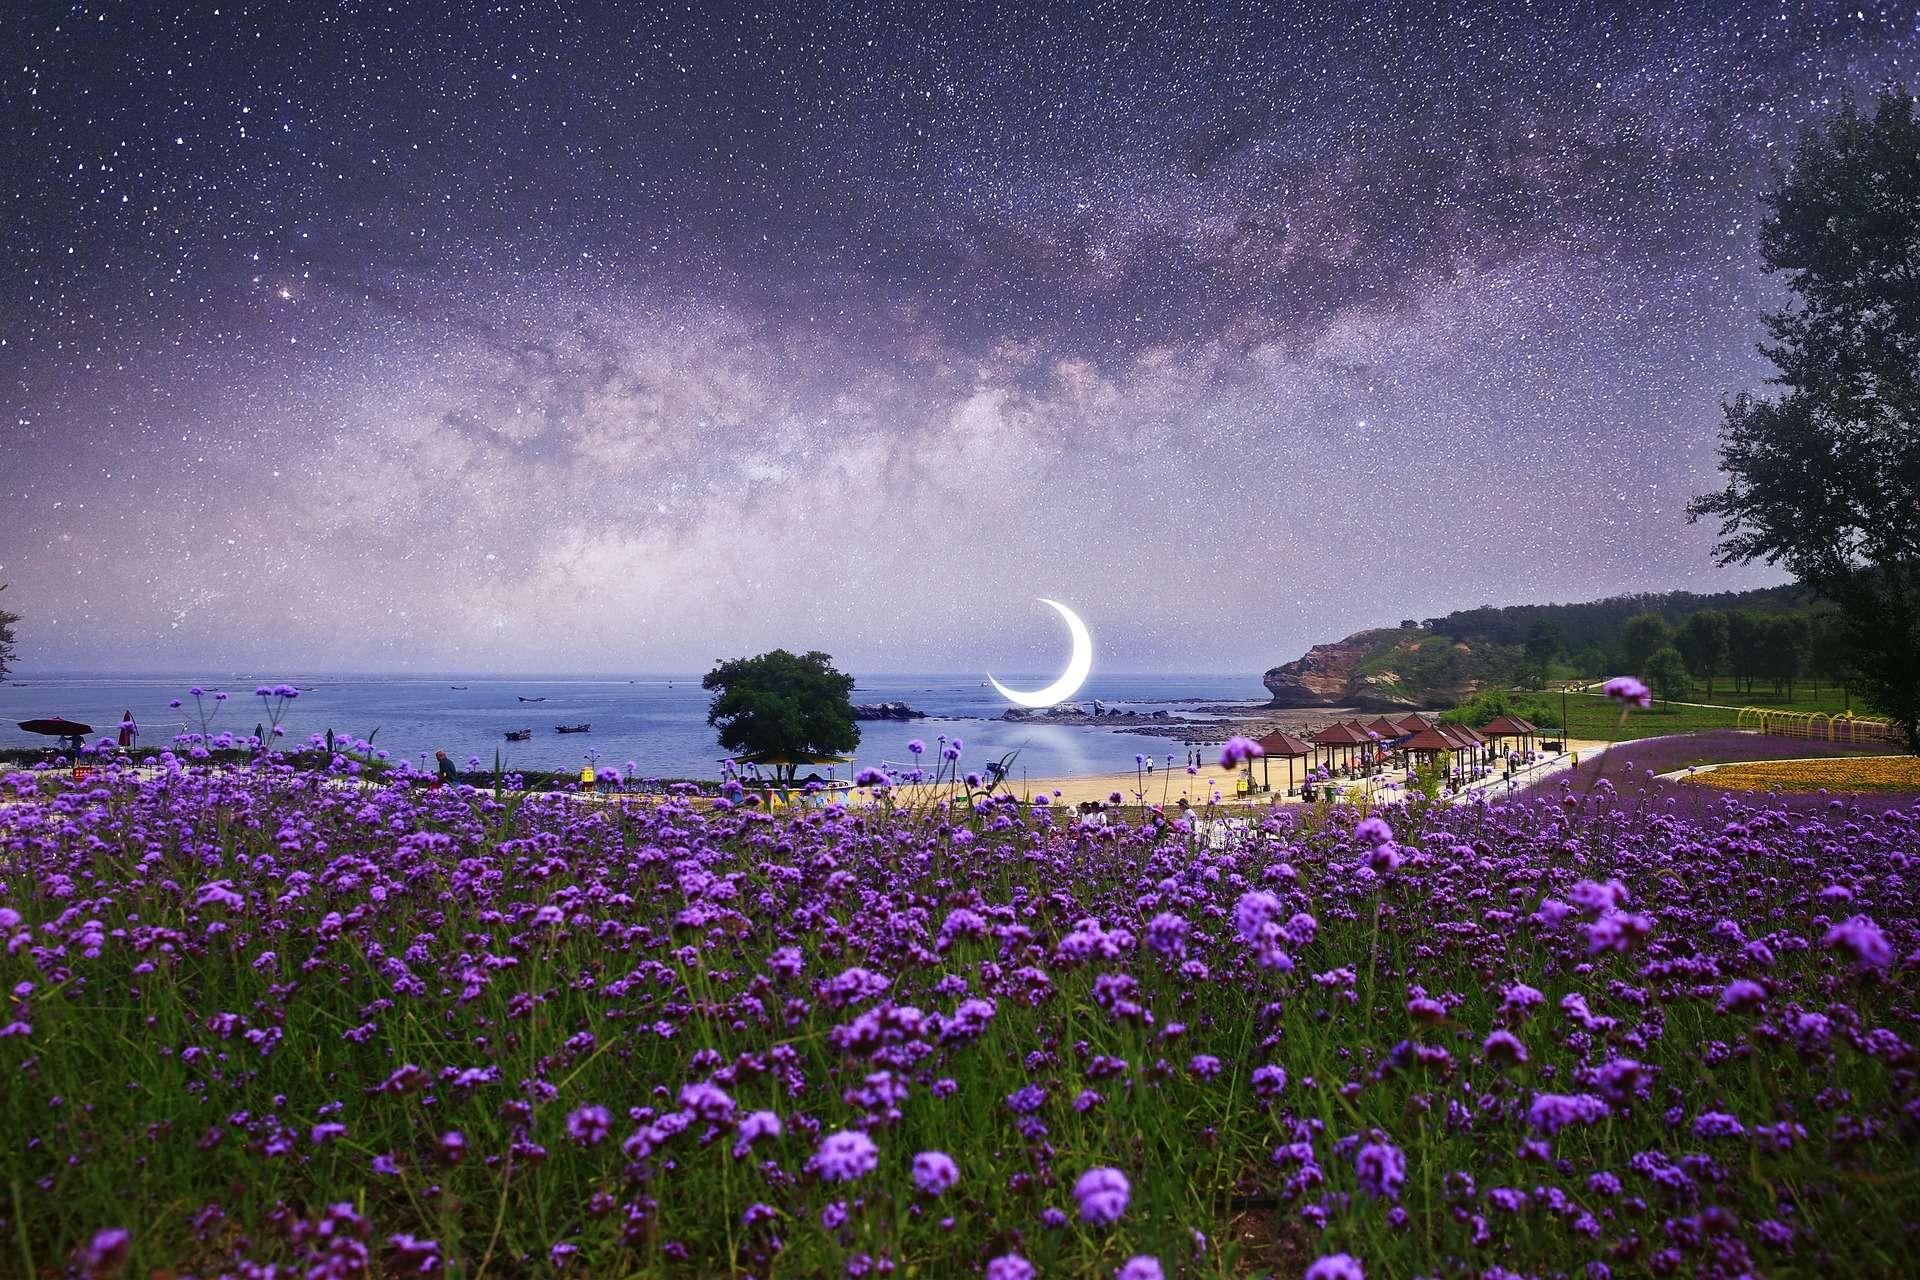 Resultado de imagen para crescent moon in libra